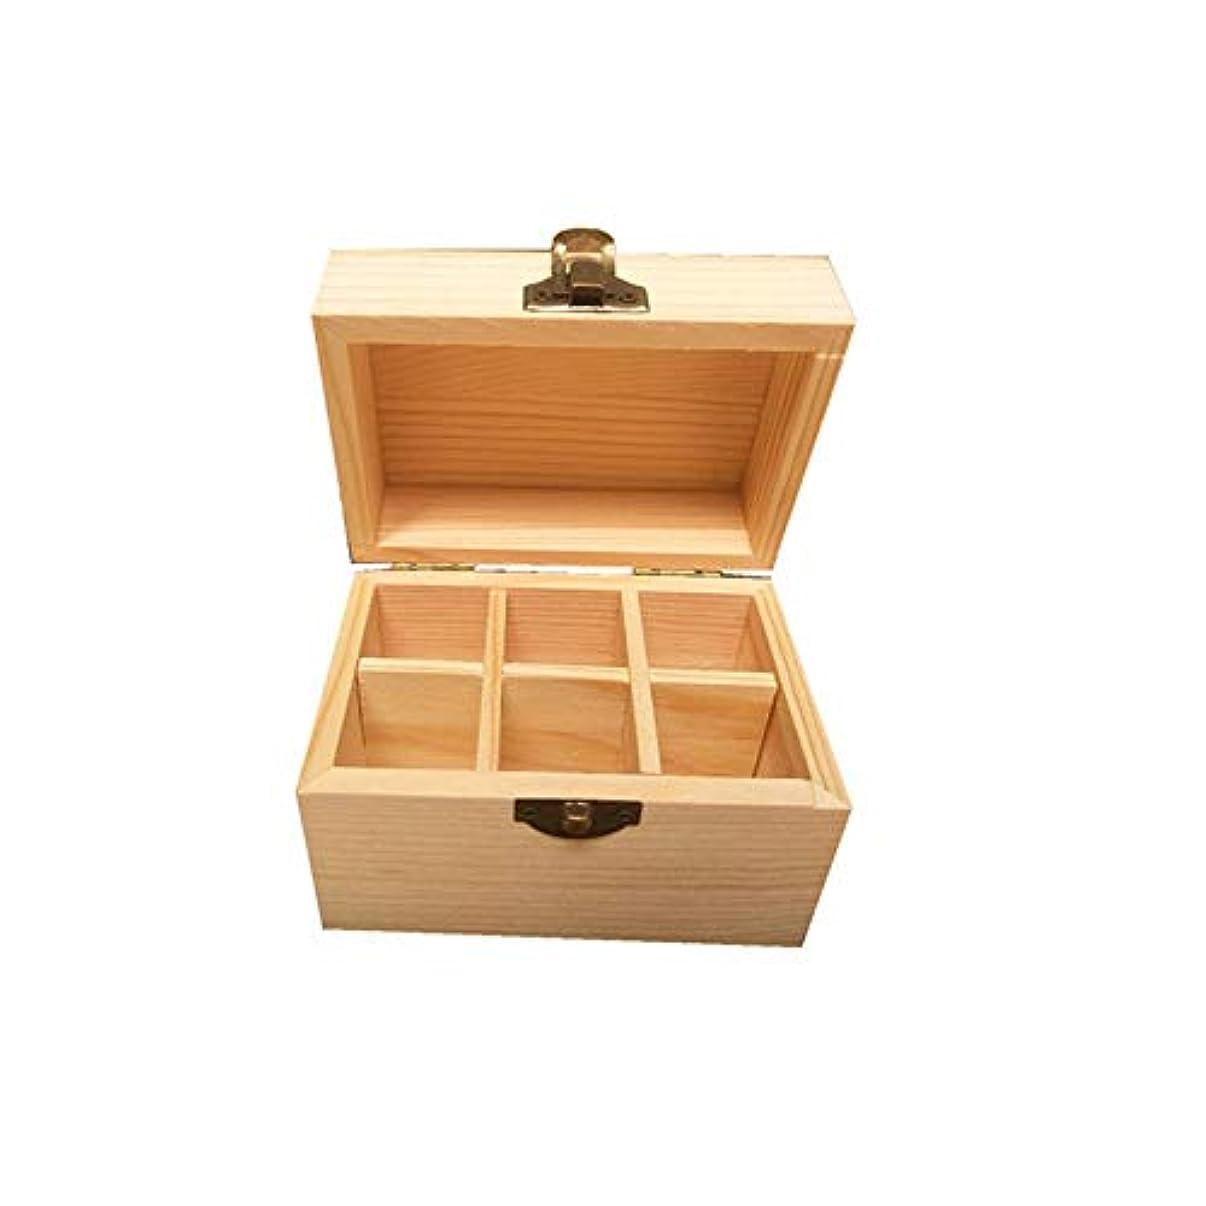 誇大妄想薬用可聴アロマセラピー収納ボックス ウッド精油収納ボックスの6種類は、油があなたの最高のエッセンシャルオイルを披露完璧なケースです エッセンシャルオイル収納ボックス (色 : Natural, サイズ : 12X8X8.5CM)